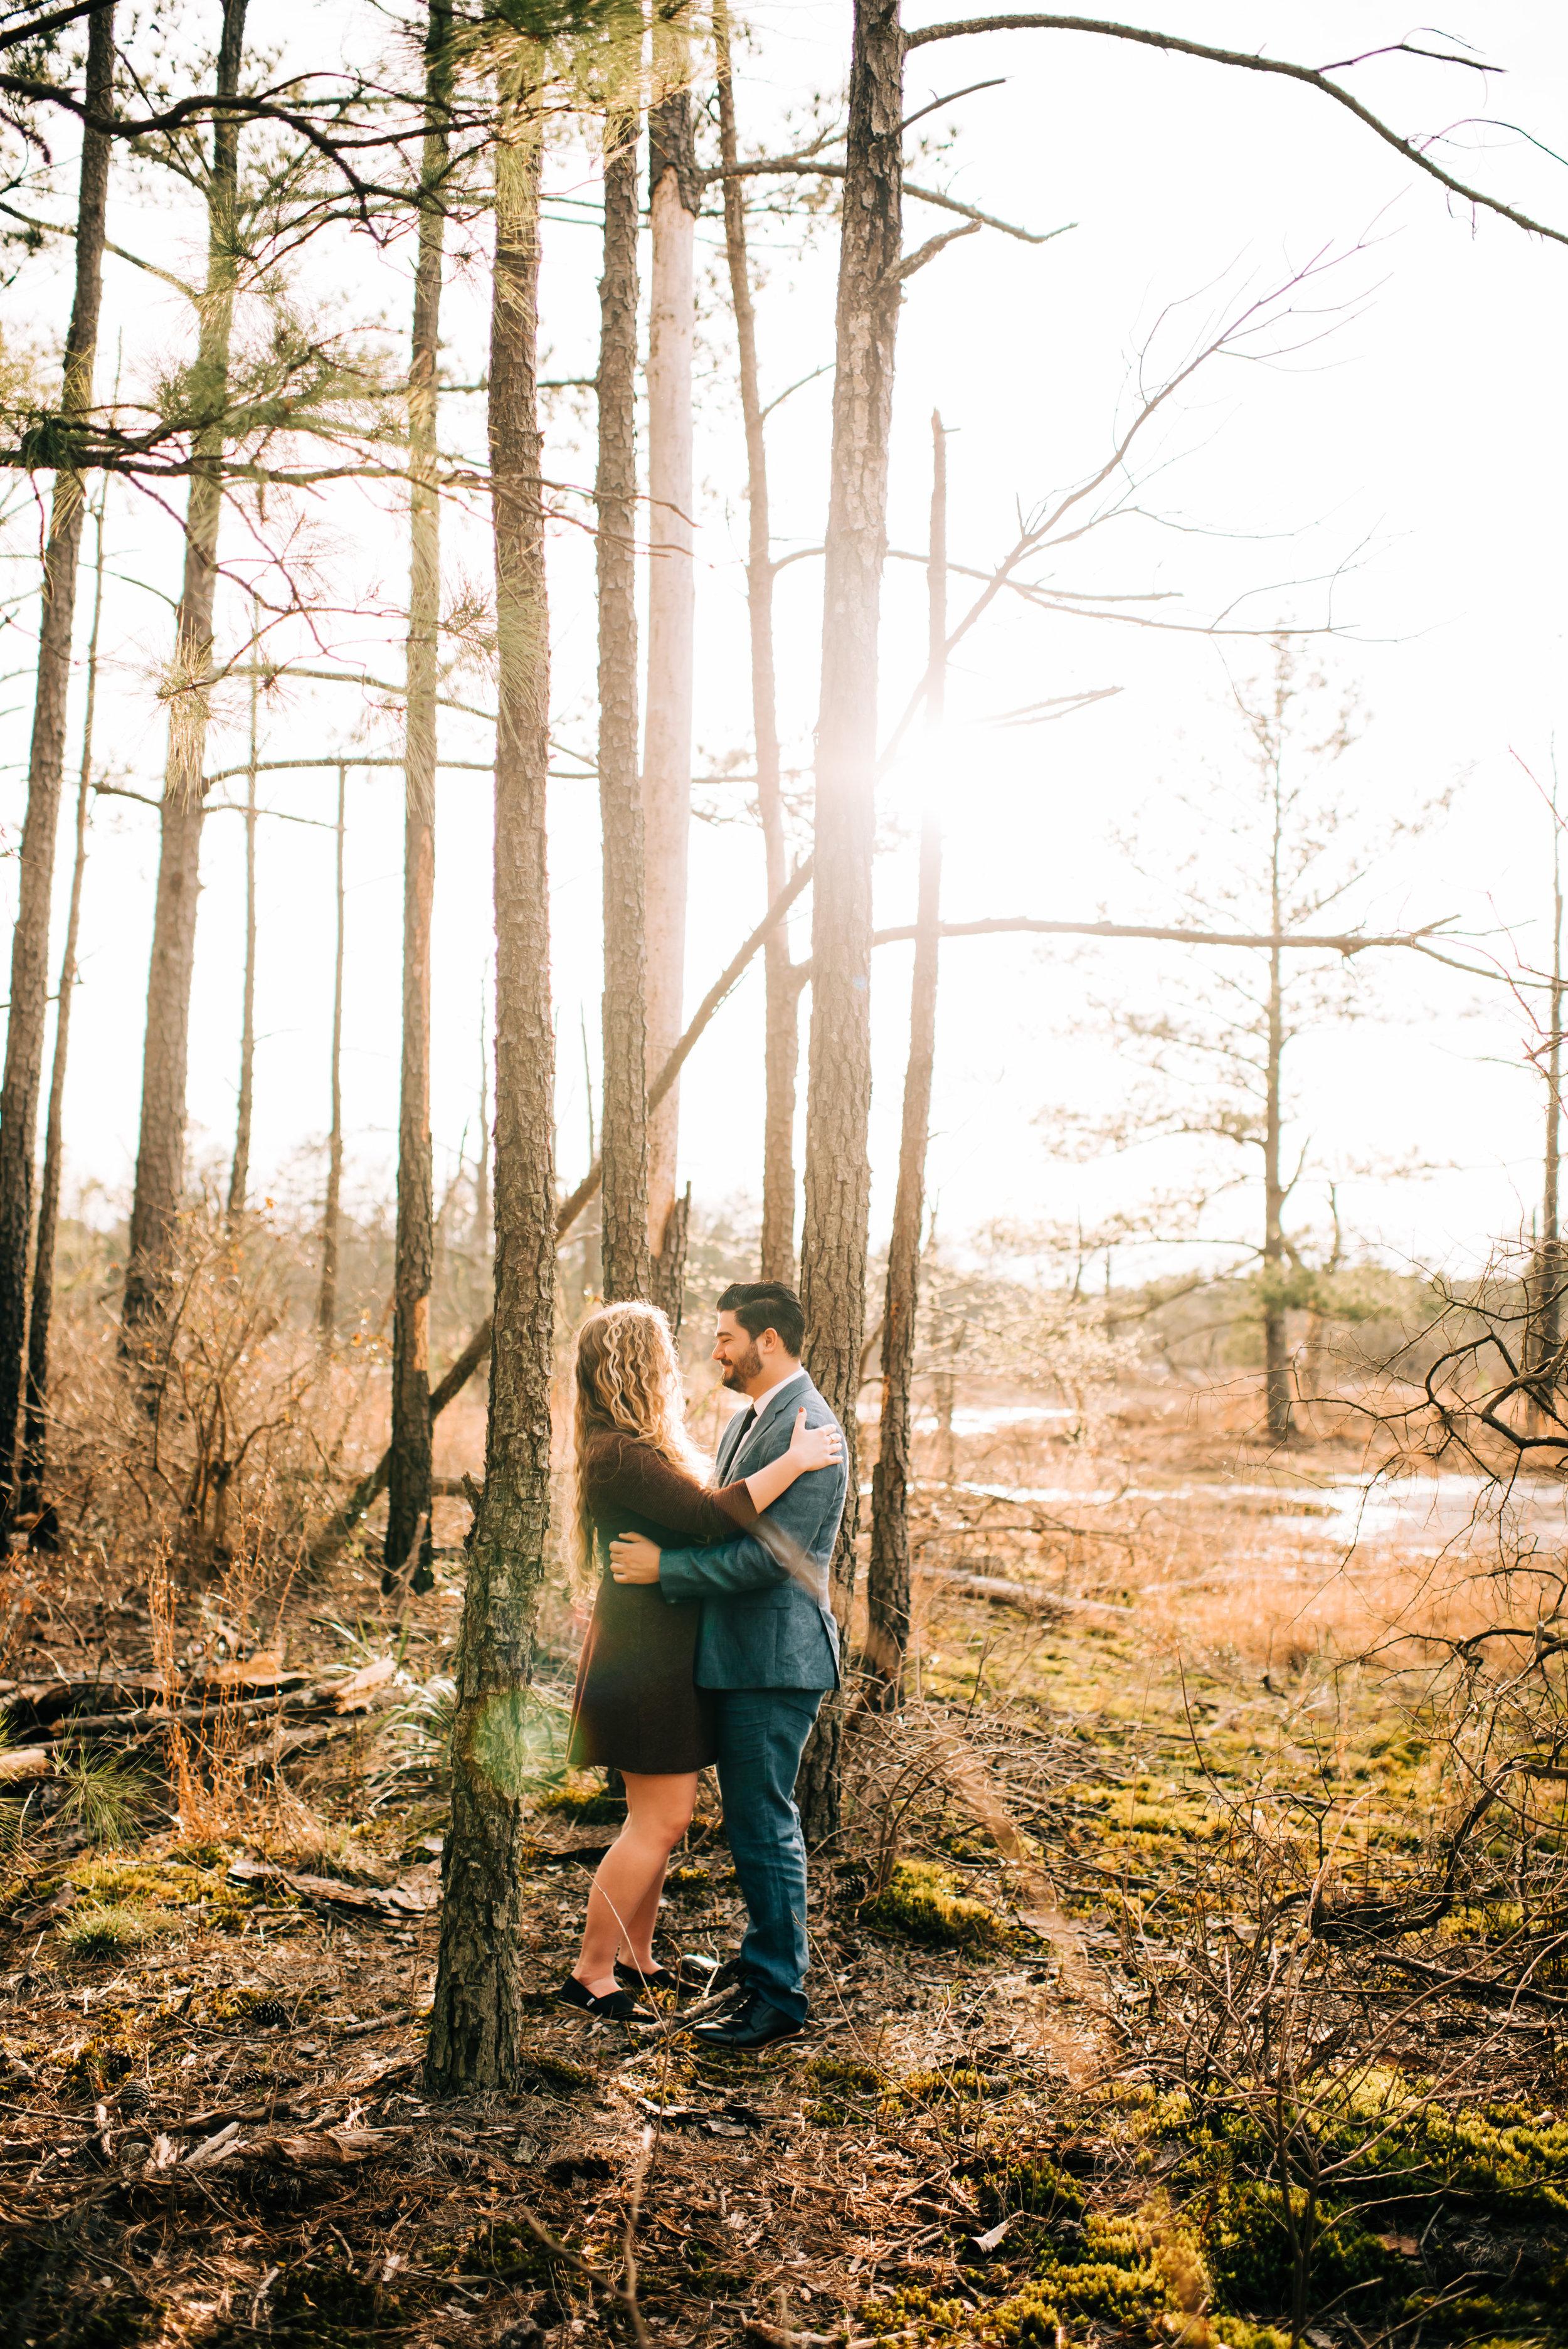 atlanta arabia mountain norht georgia adventure bay area nontraditional wedding photographer southern california boho wedding love light magic san francisco oakland northern california-31.jpg